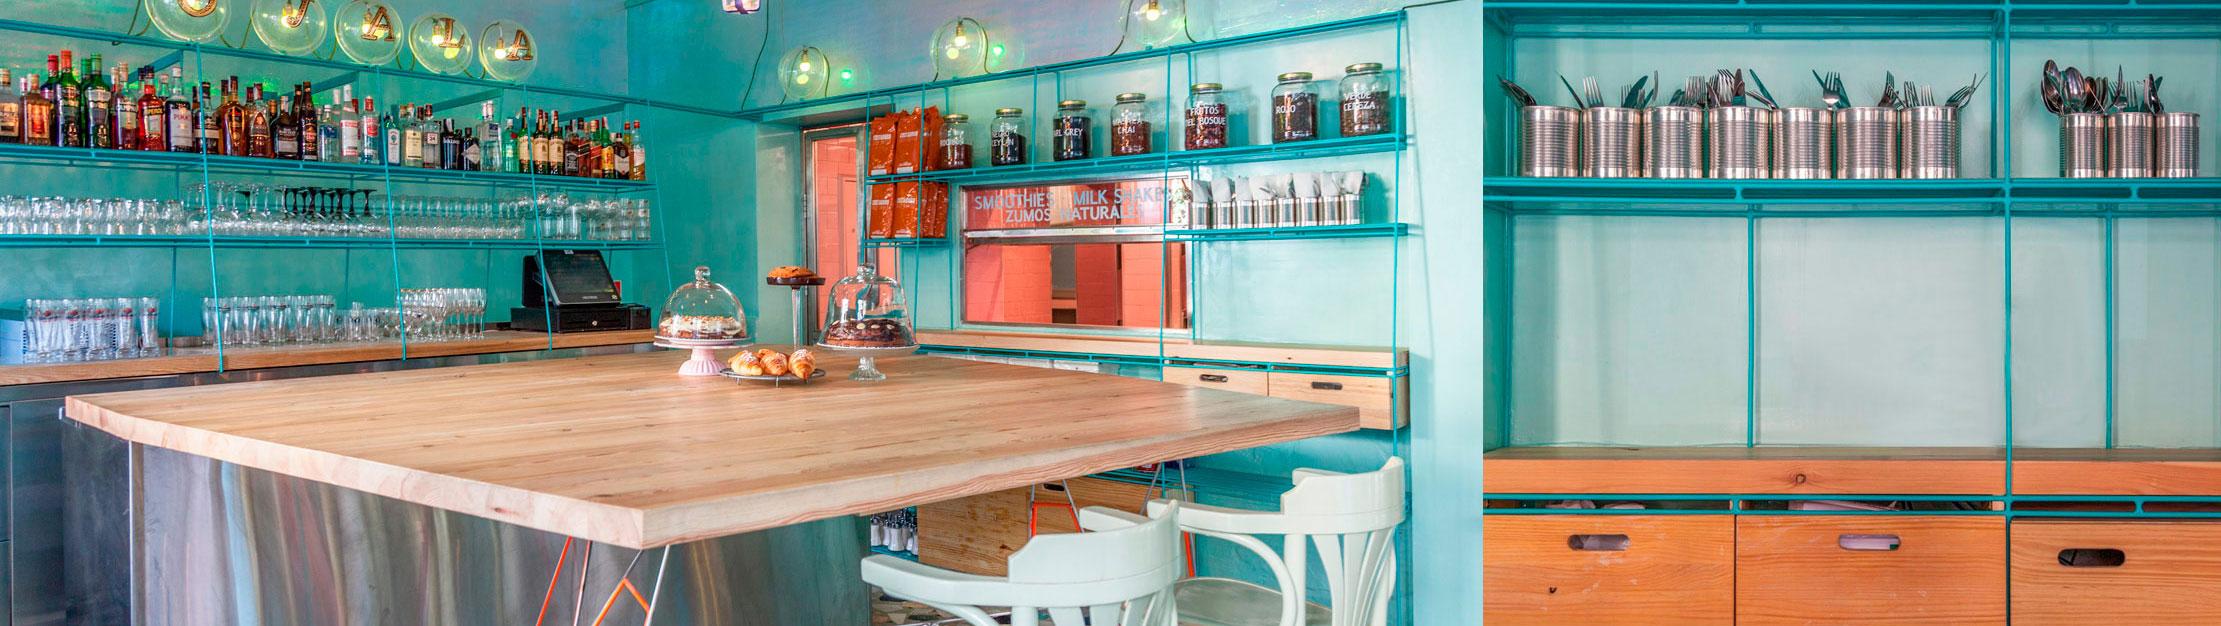 Bar restaurante Ojalá - reforma de lujo.